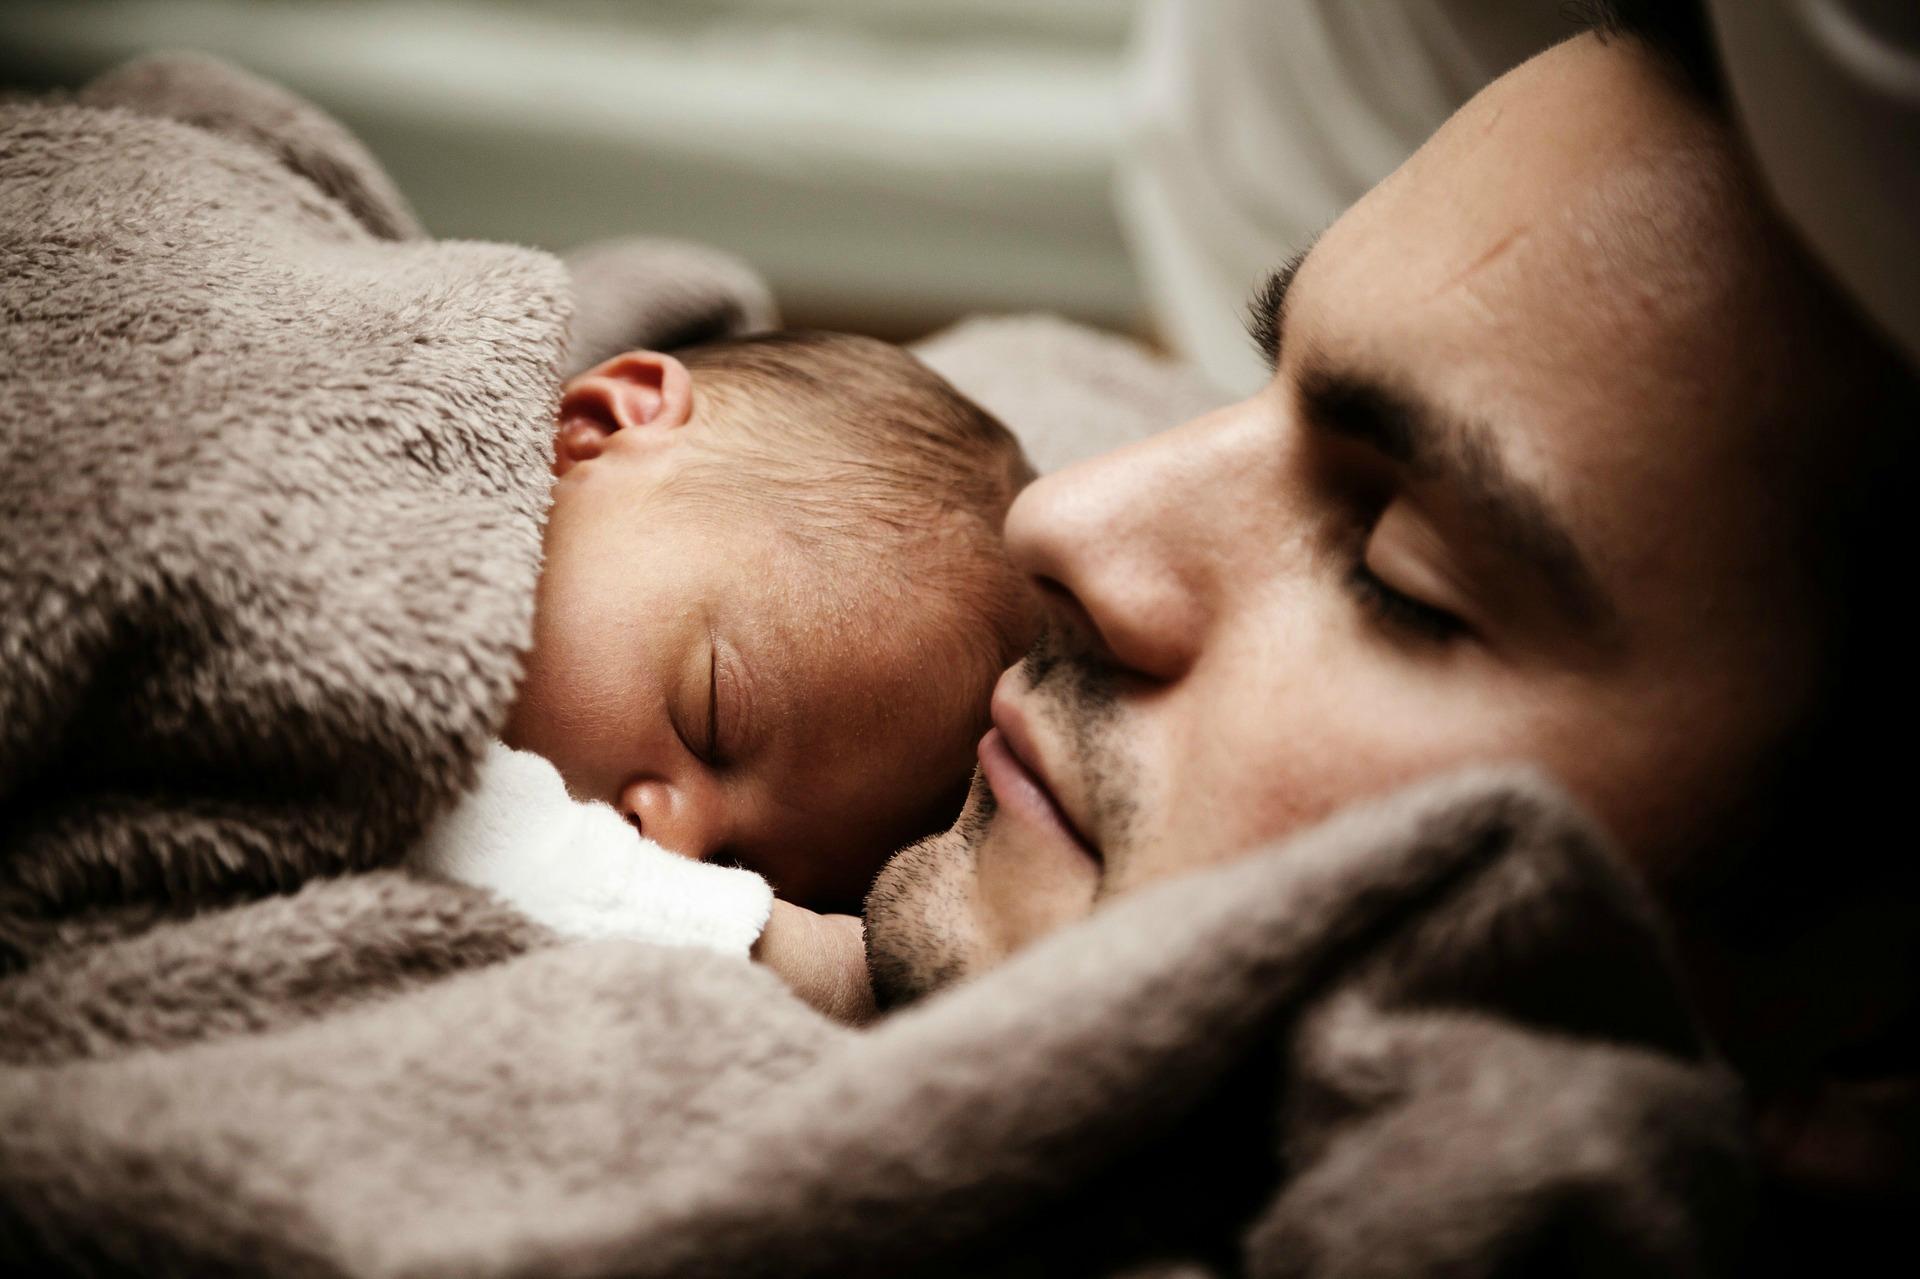 Mannen aantrekkelijker door vaderschap-GoodGirlsCompany-Vaderdag-onderzoek voor vaderdag